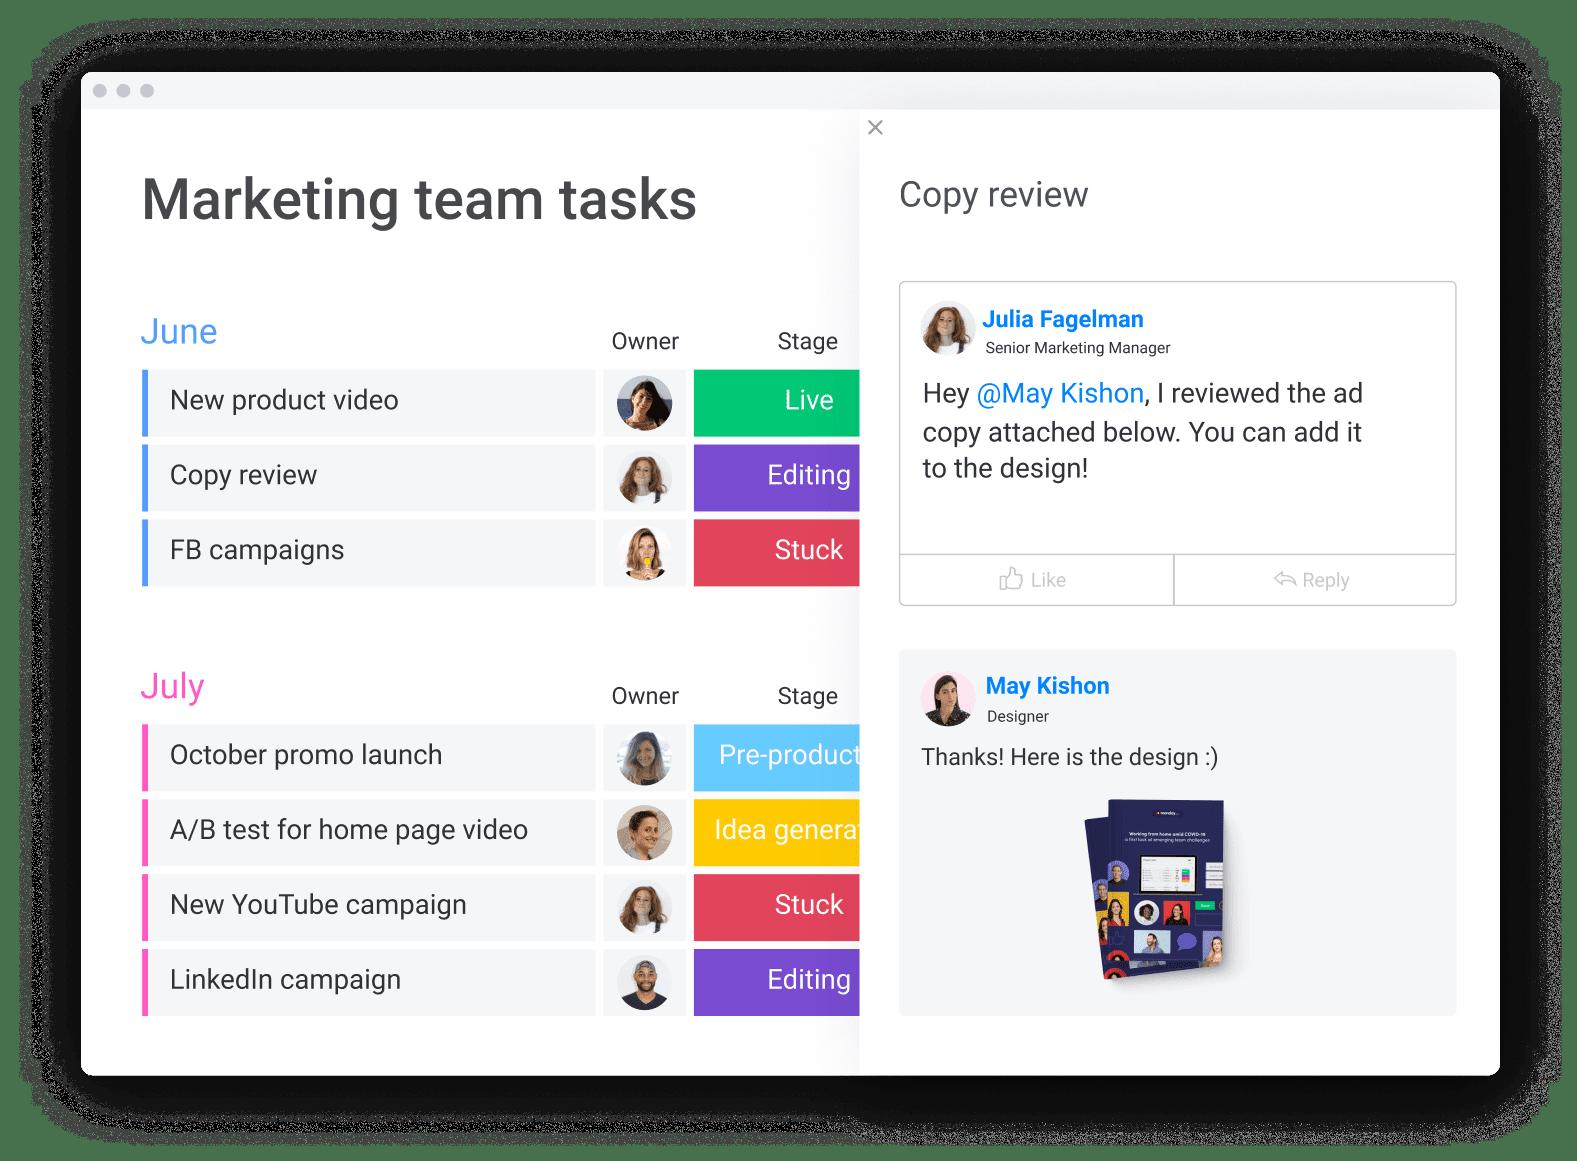 Marketing team tasks board with updates